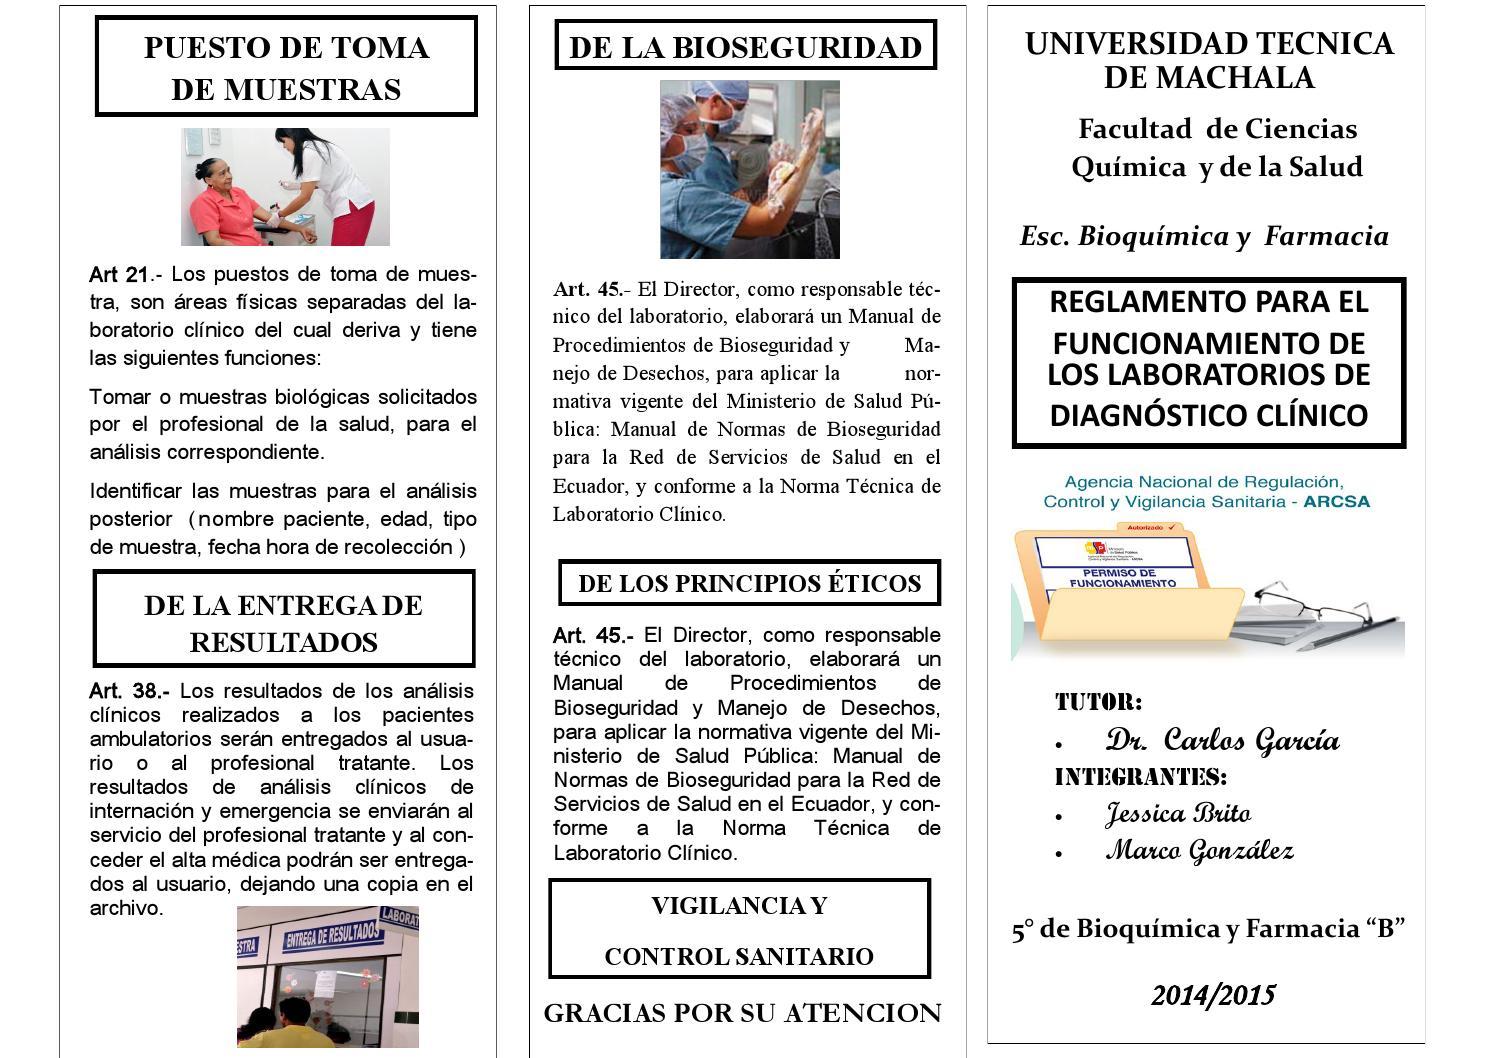 Funciones del tecnico auxiliar de laboratorio clinico